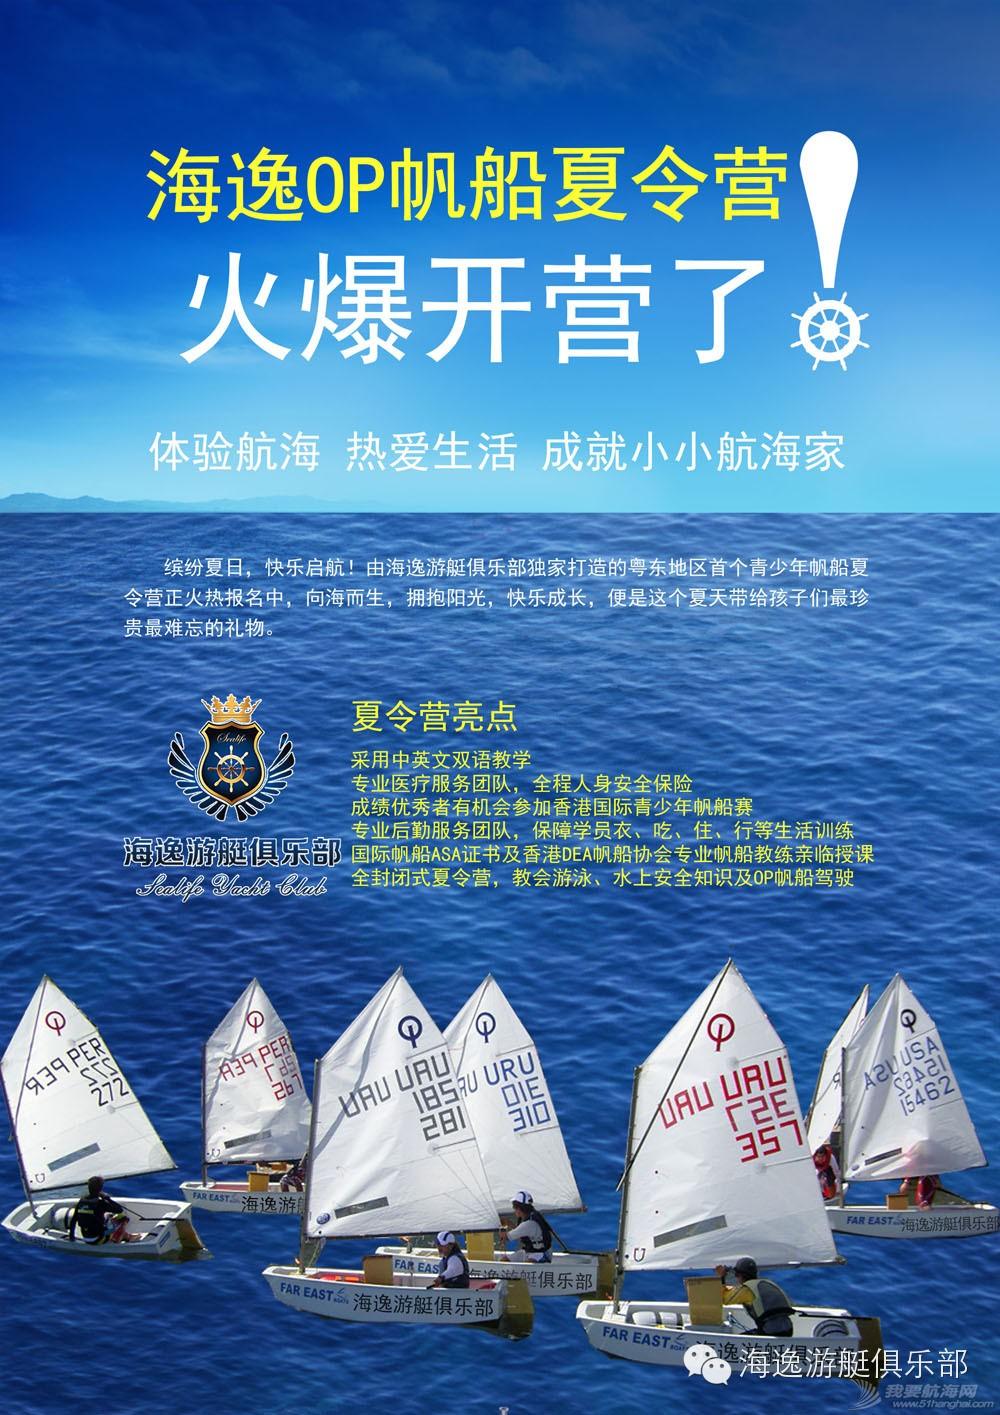 海逸小航海家OP帆船赛圆满结束——别让小朋友窝在家里,出来玩帆船吧! e85ed1581bbd9ece5f4658f40ae3b87d.jpg